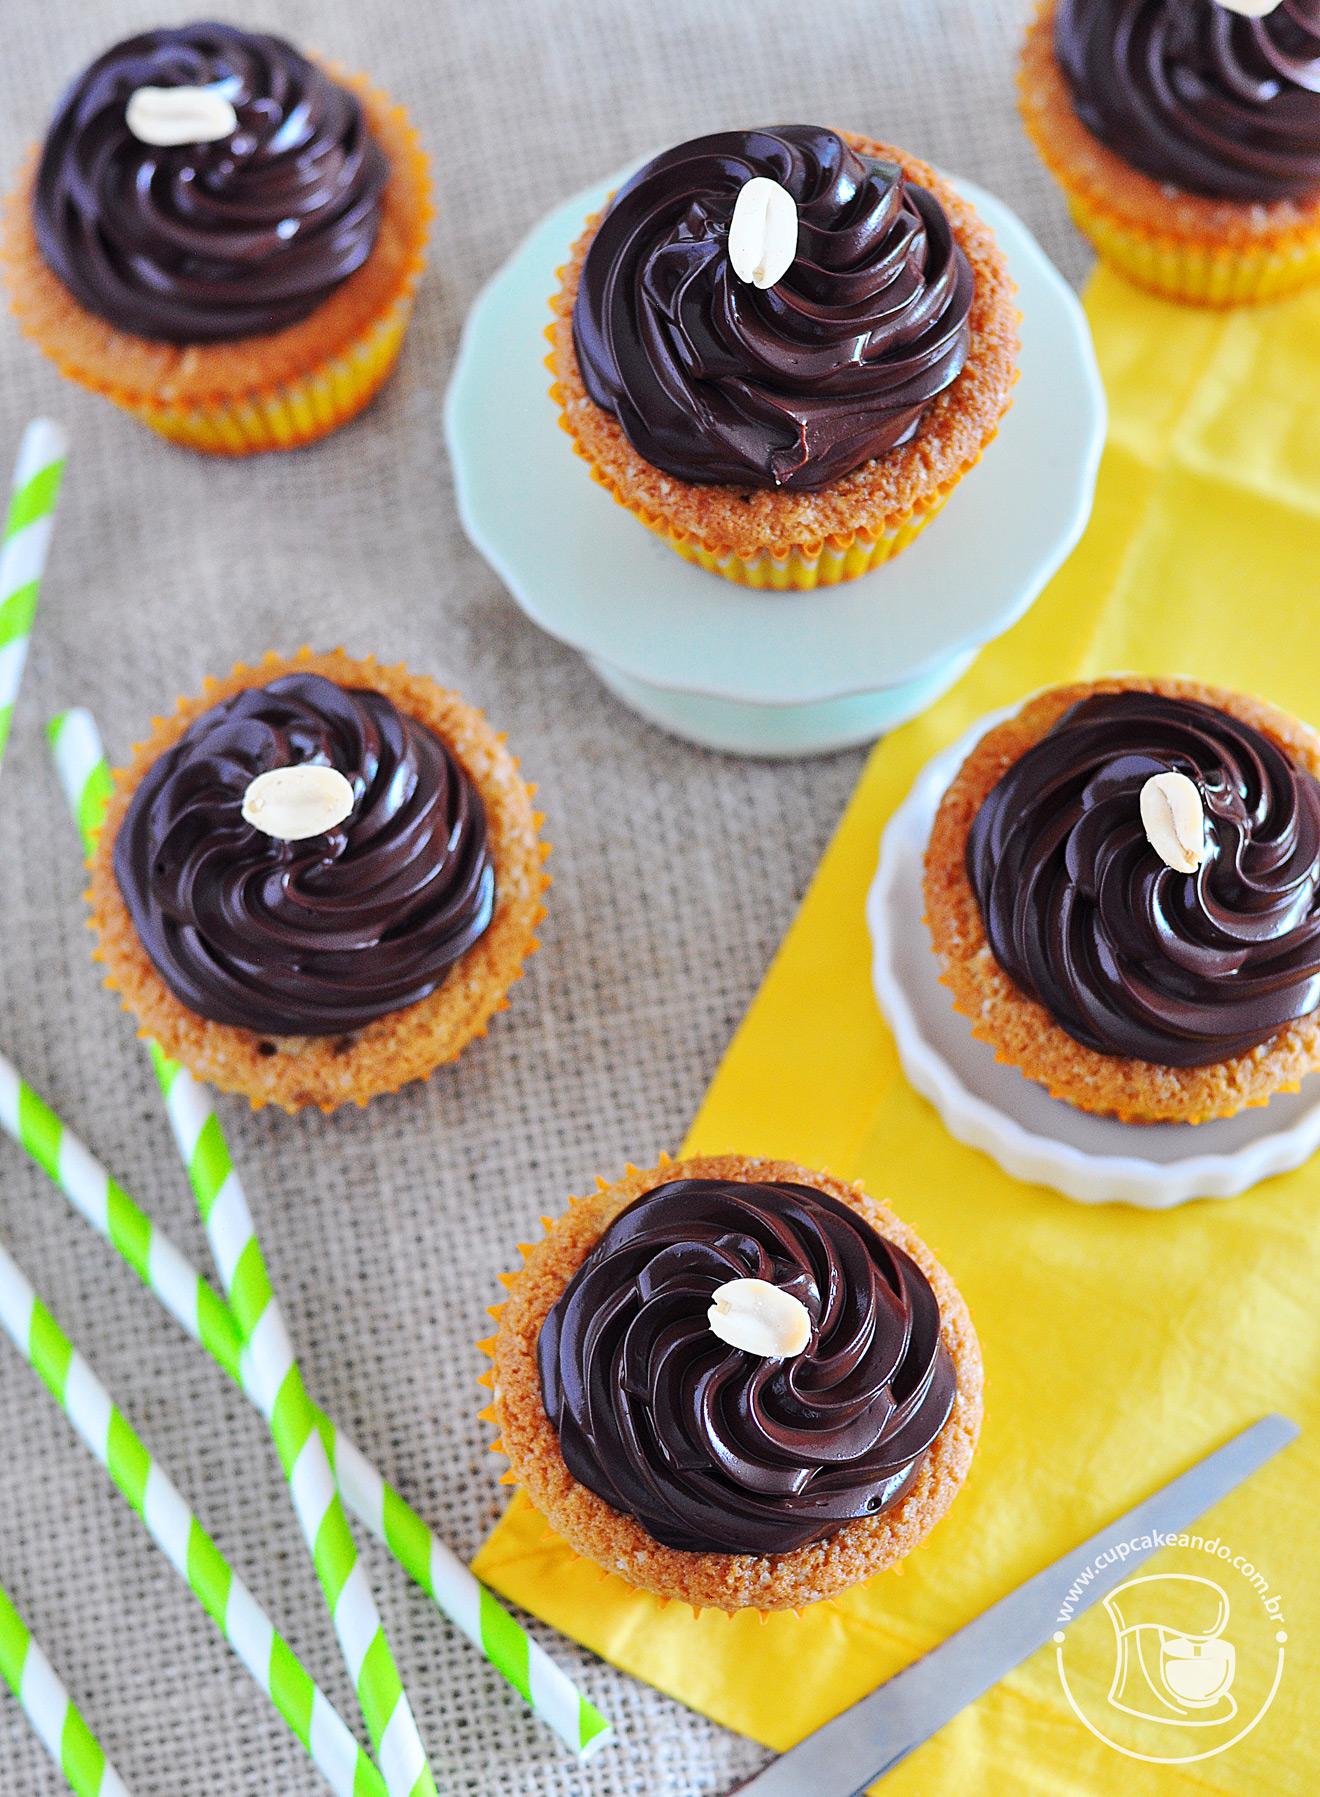 Cupcakes de manteiga de amendoim e ganache de chocolate maravilhosa e brilhosa